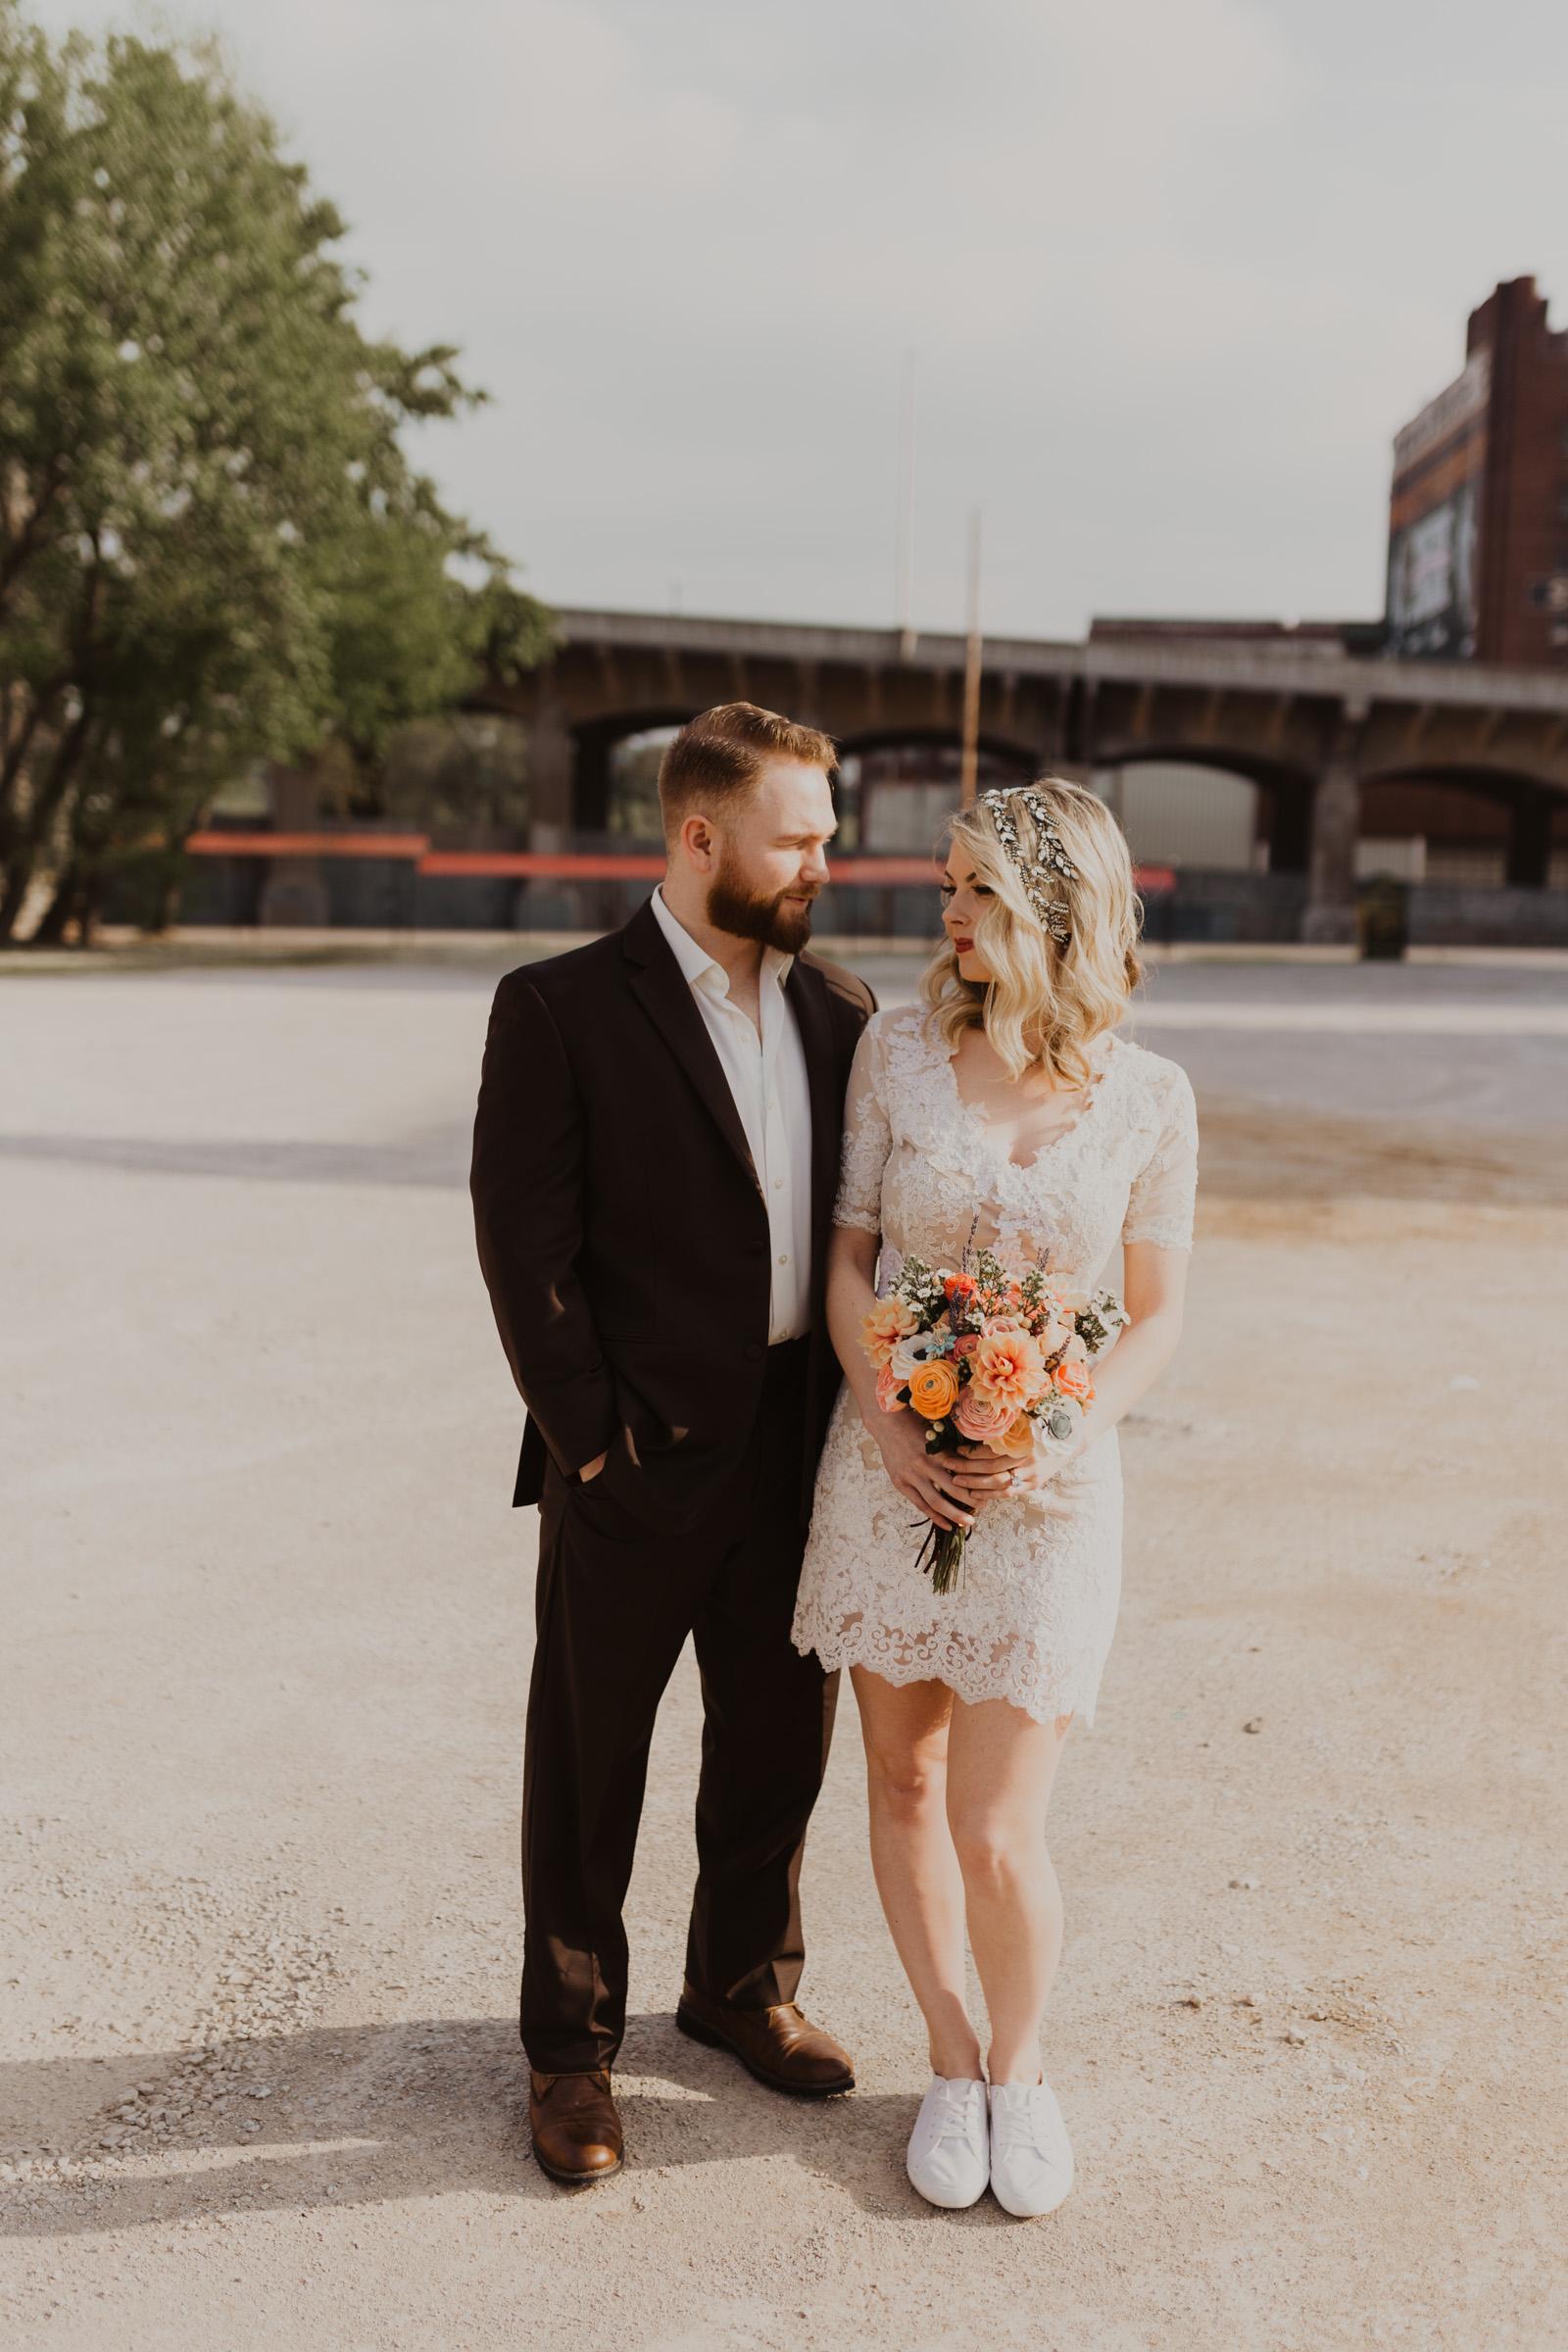 Bruid met korte trouwjurk